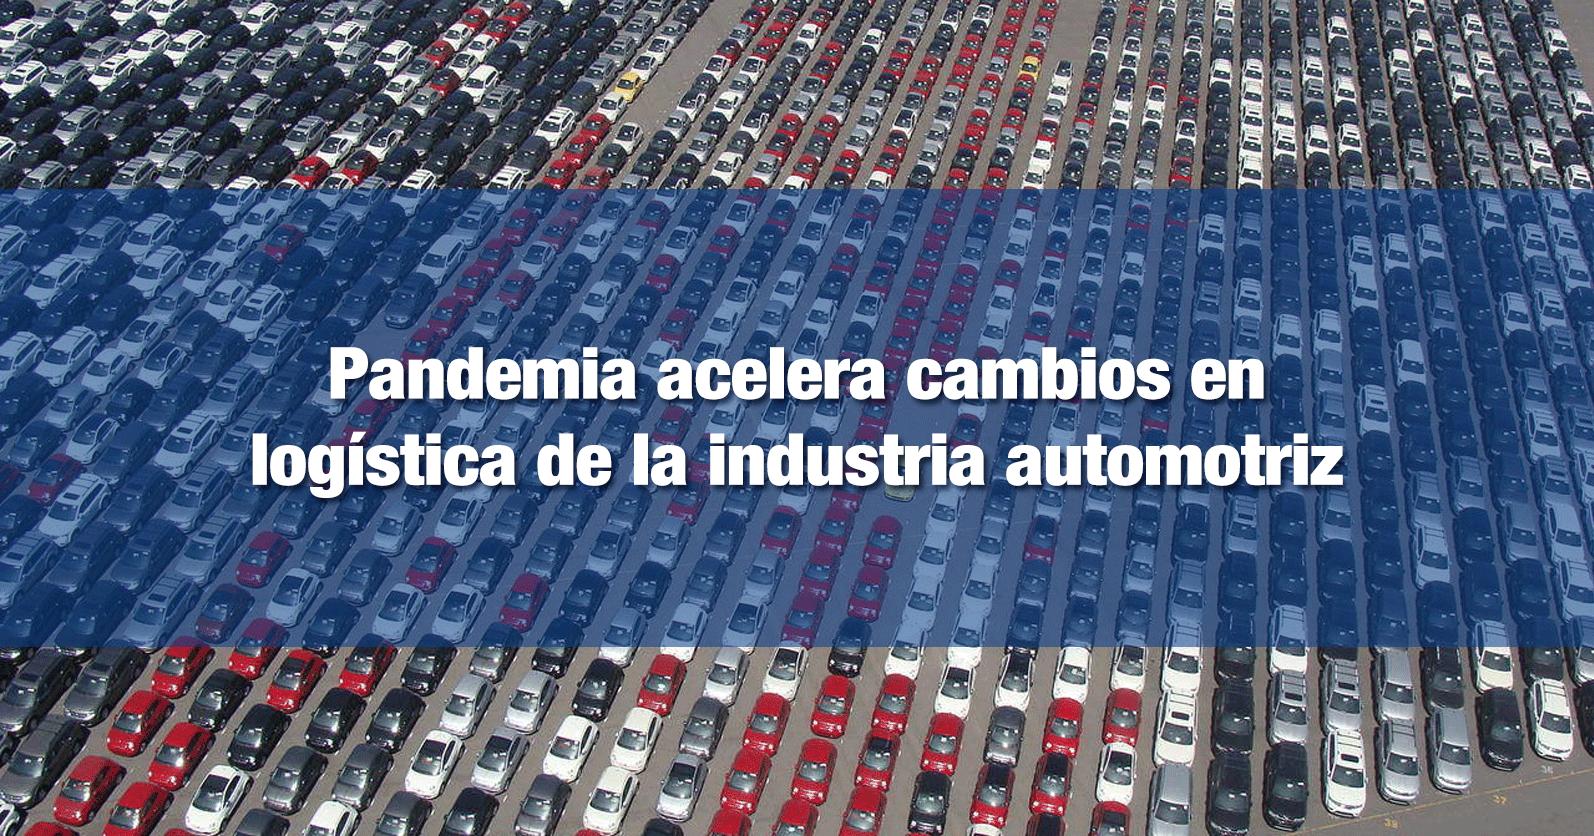 Pandemia acelera cambios en logística de la industria automotriz